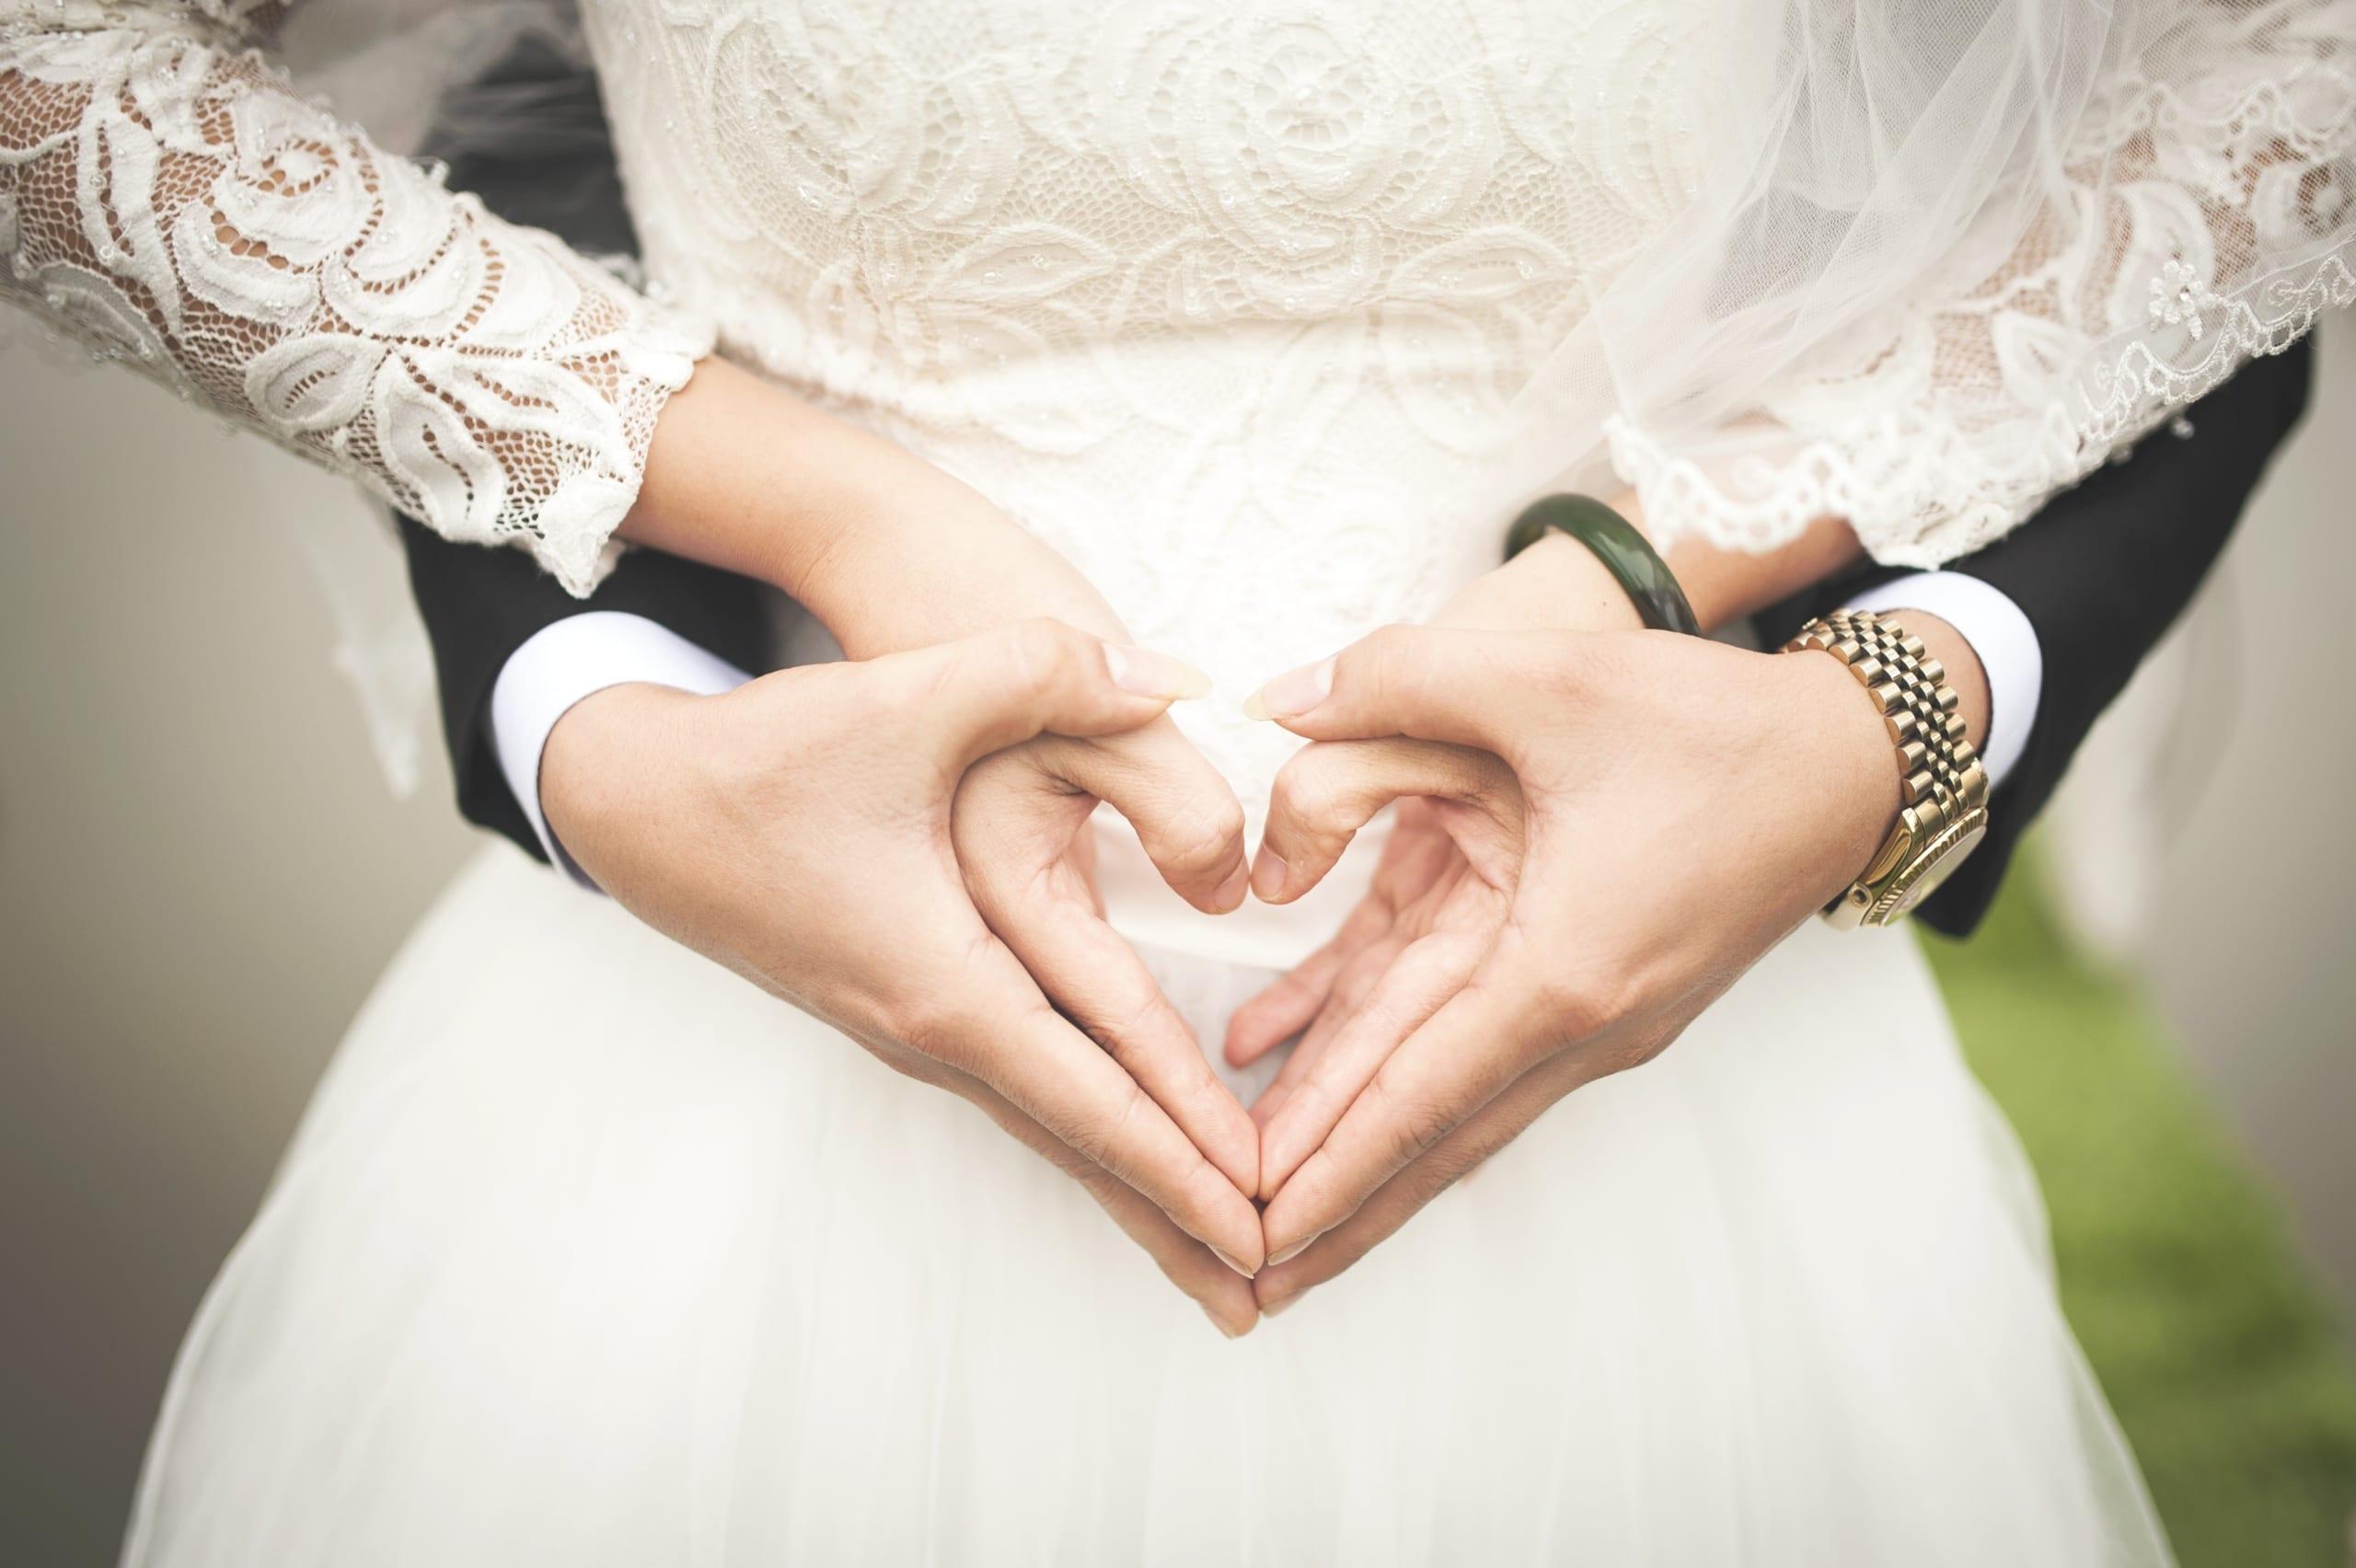 婚活女子なら知っておきたい「婚活と恋愛の違い」